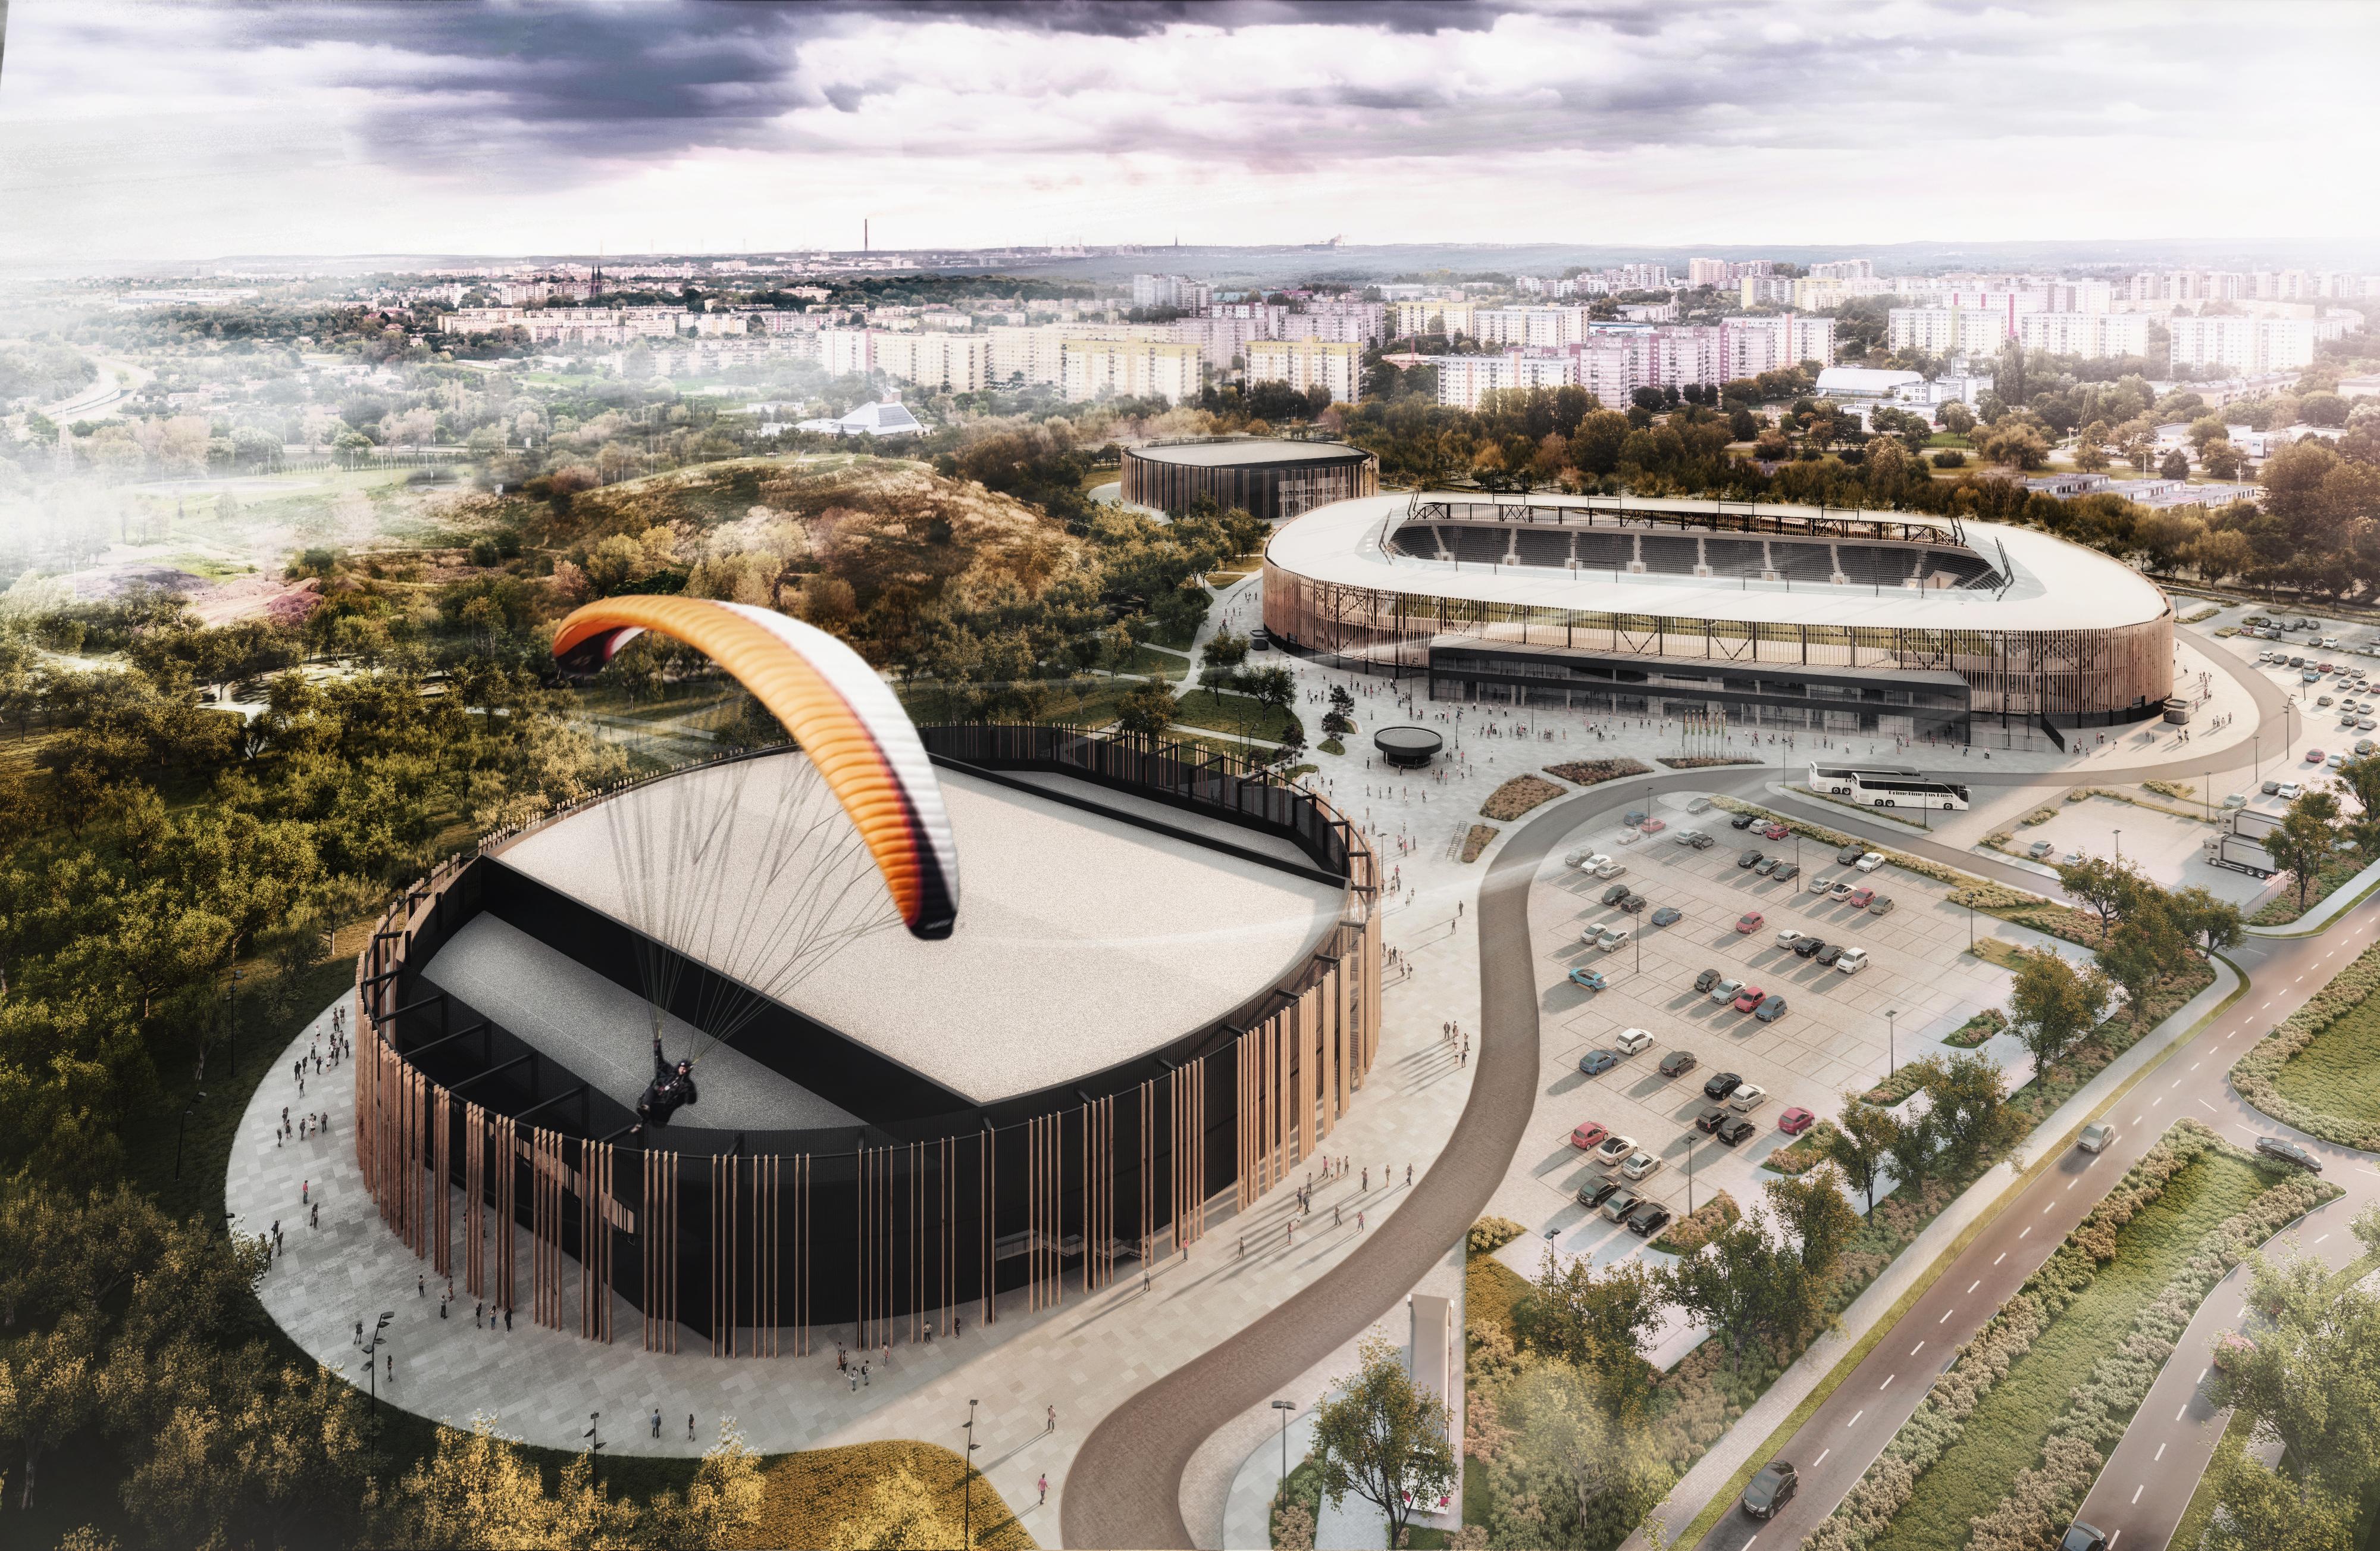 Zagłębiowski Park Sportowy rośnie w siłę. Powstaje sadion, hala sportowa i lodowisko